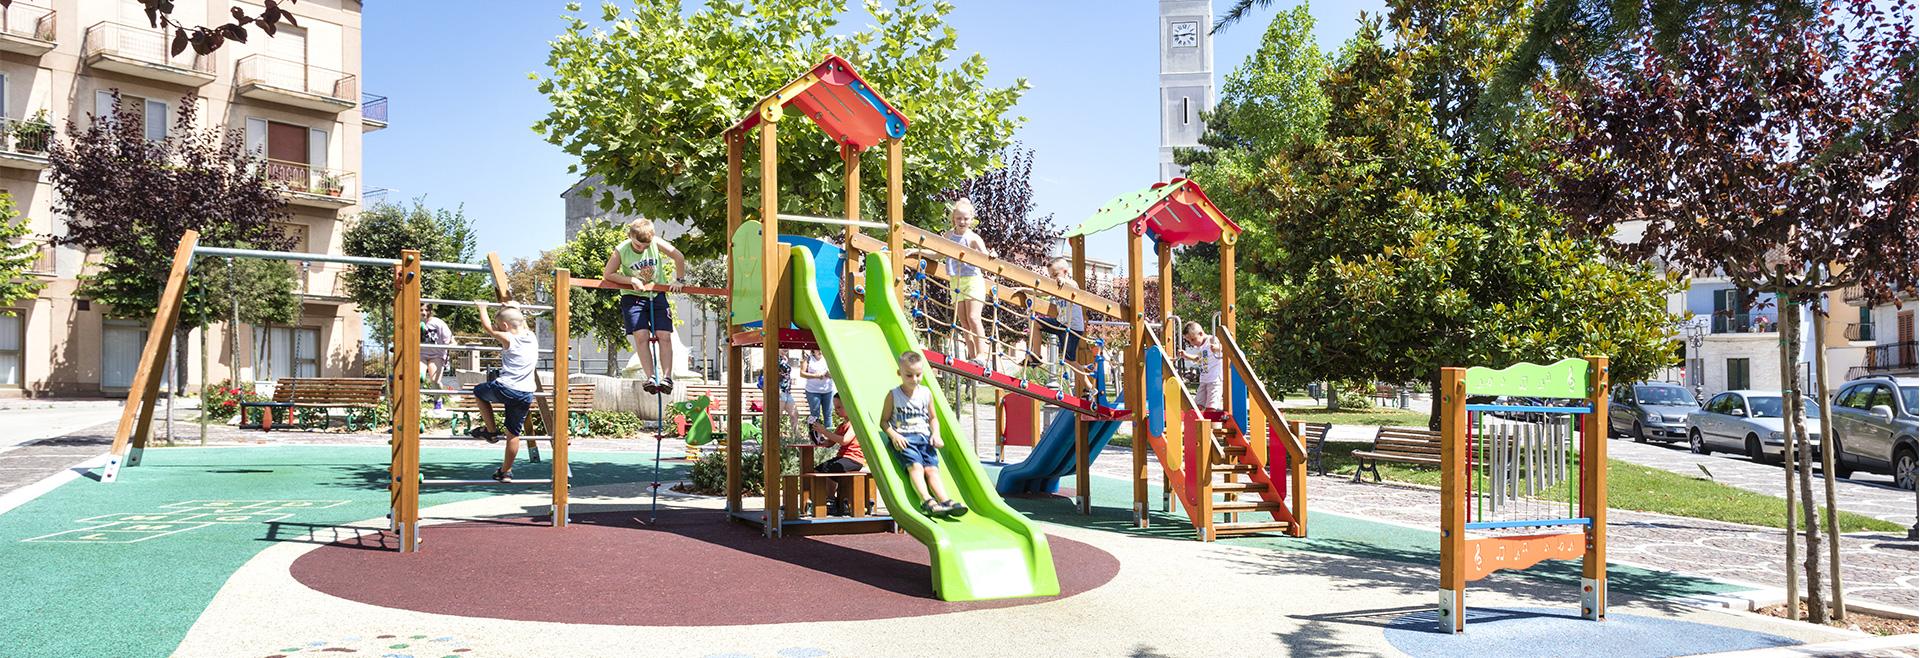 Arredi Urbani In Plastica Riciclata.Fornitura Arredi Urbani Giochi Per Parchi Posa In Opera Arredi